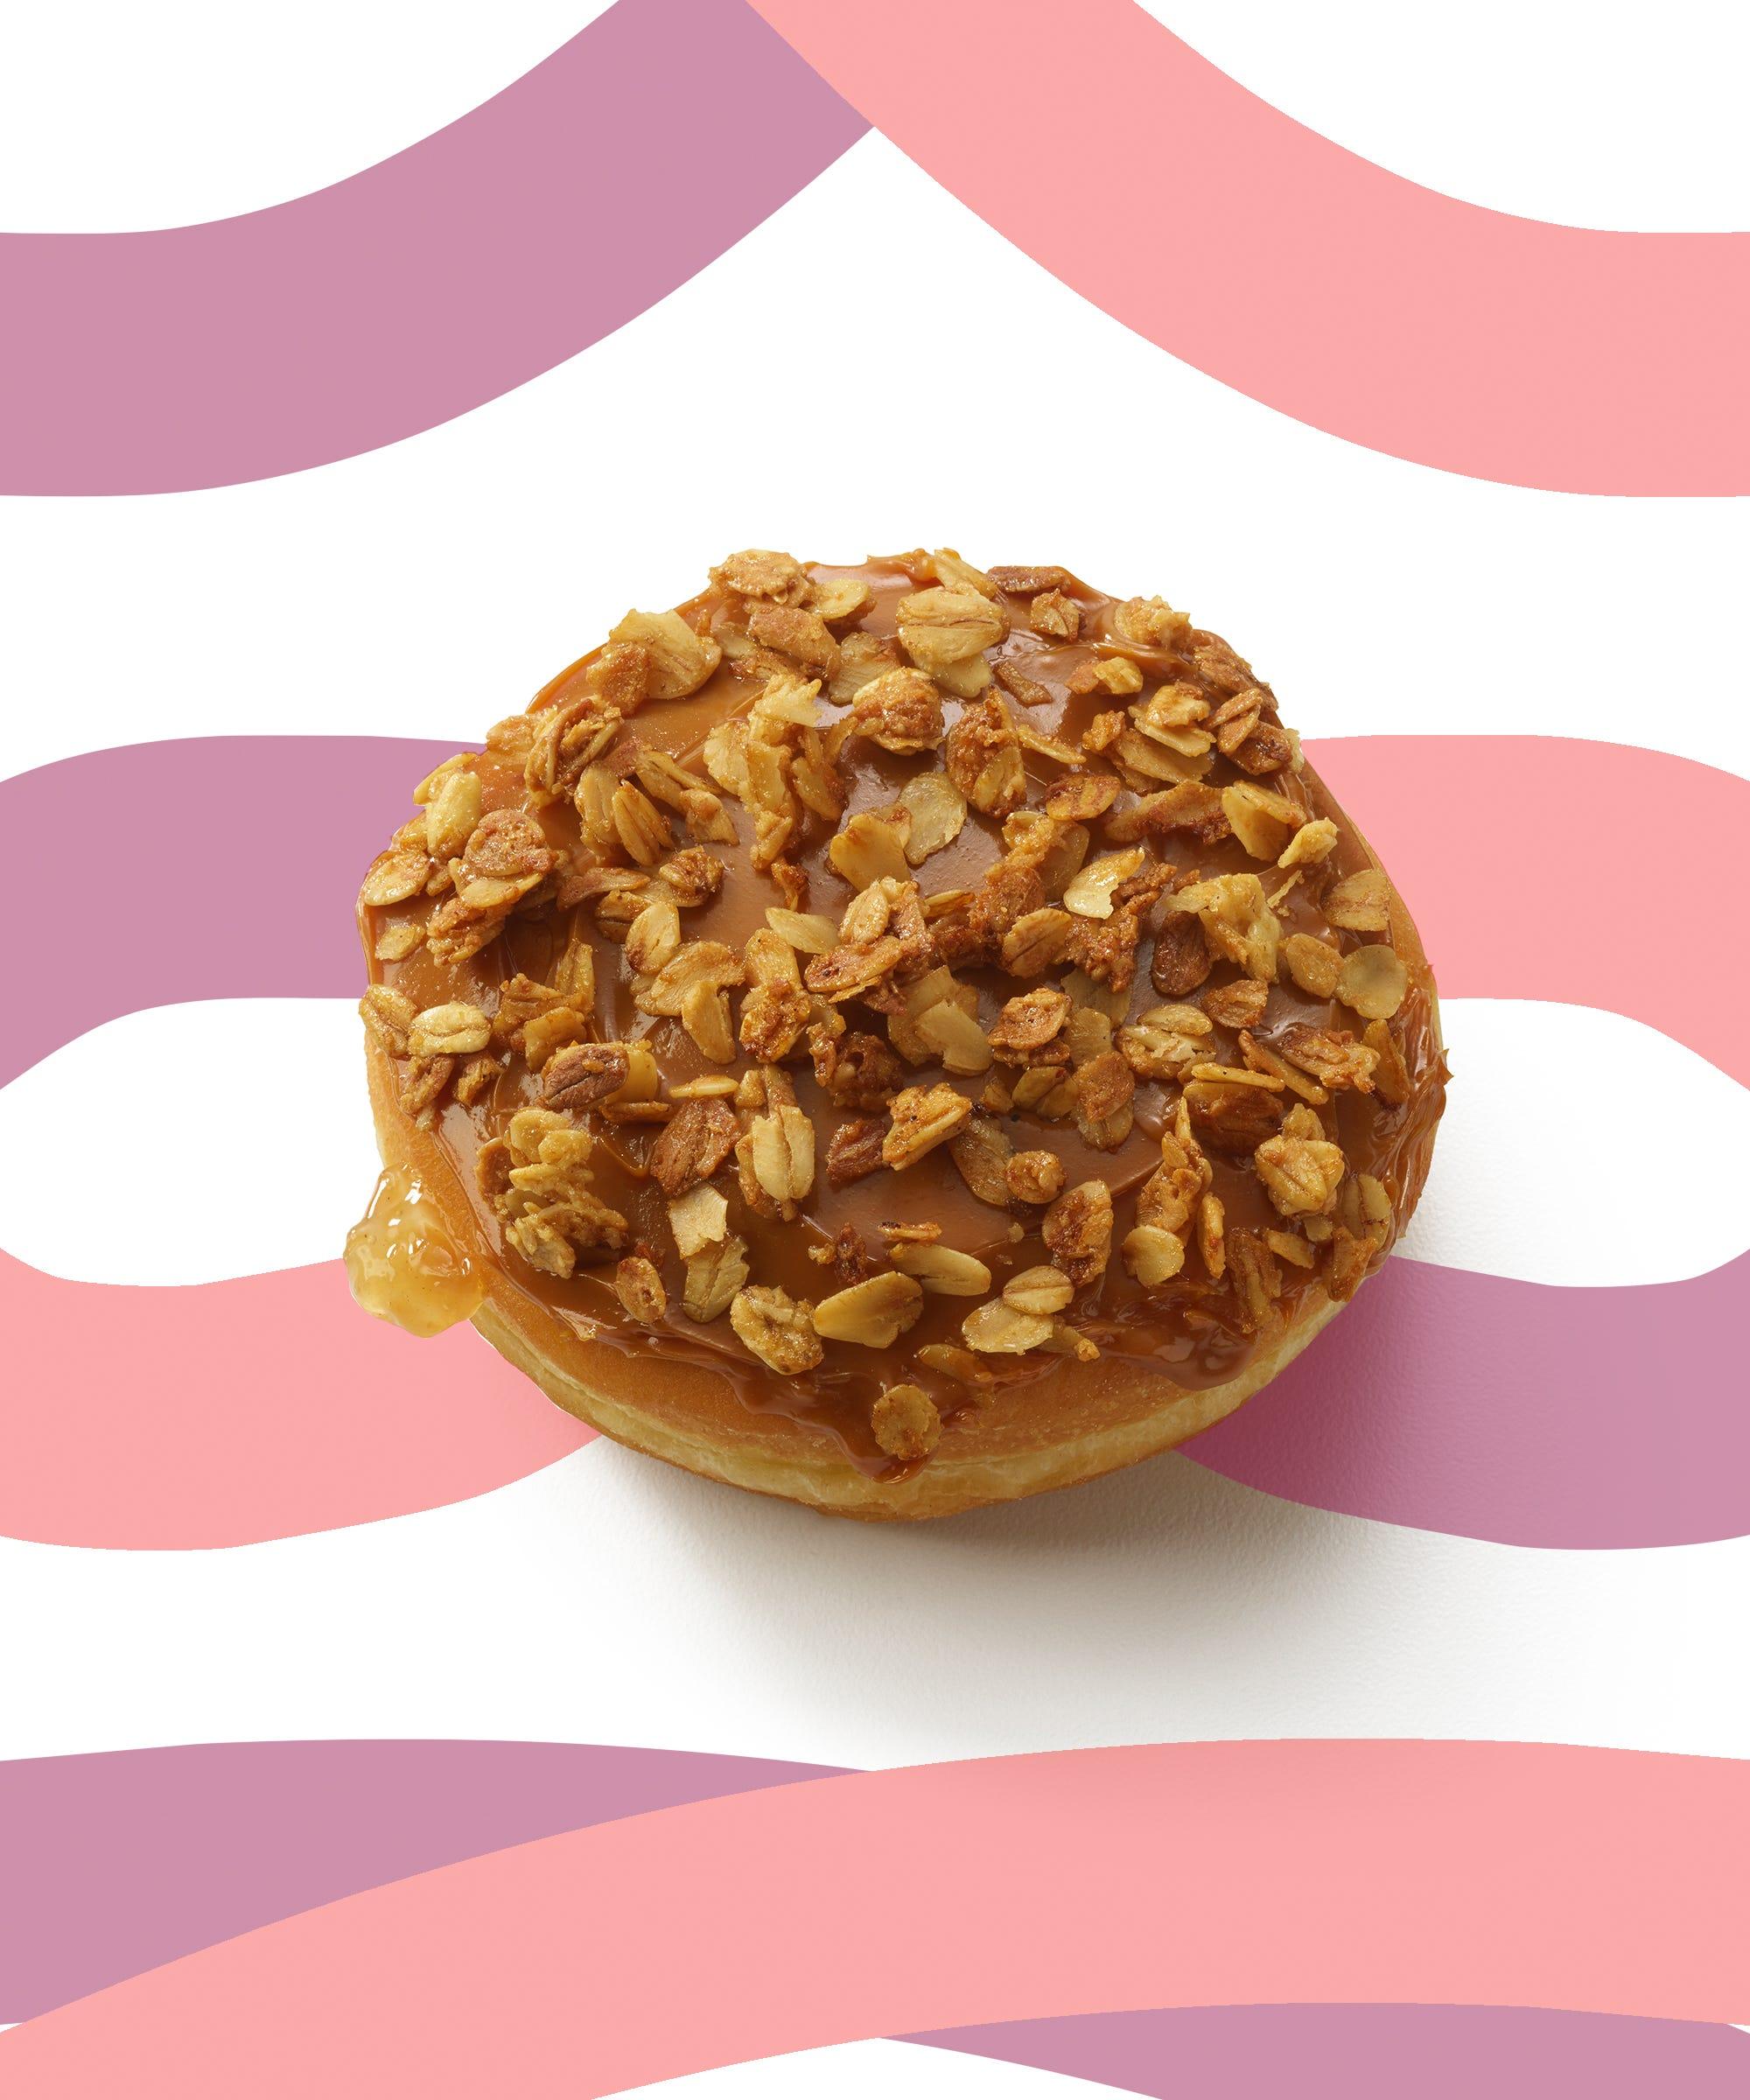 b1d47376db9 Dunkin Donuts Fall 2018 Menu Includes Apple Crisp Donut